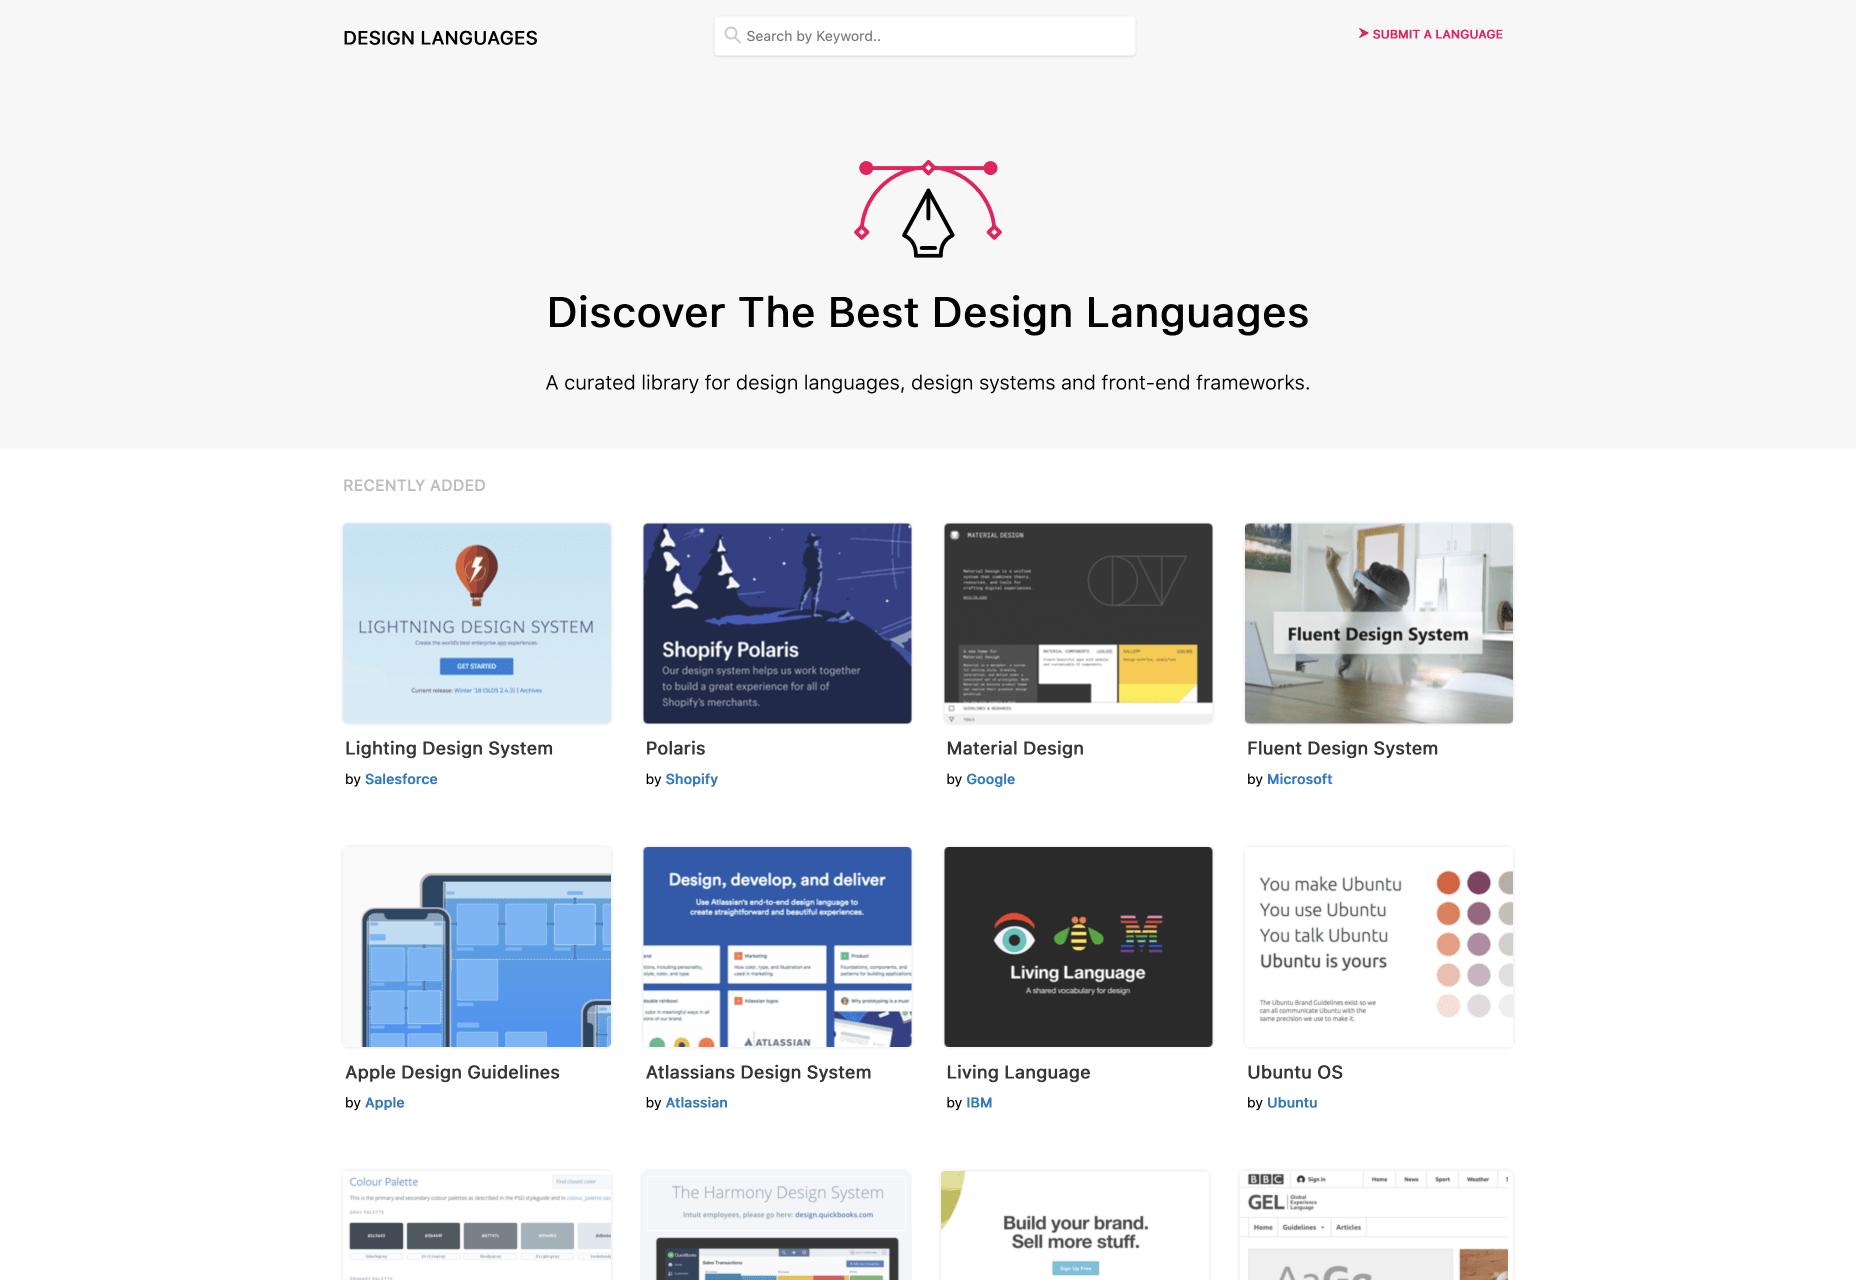 designlanguages